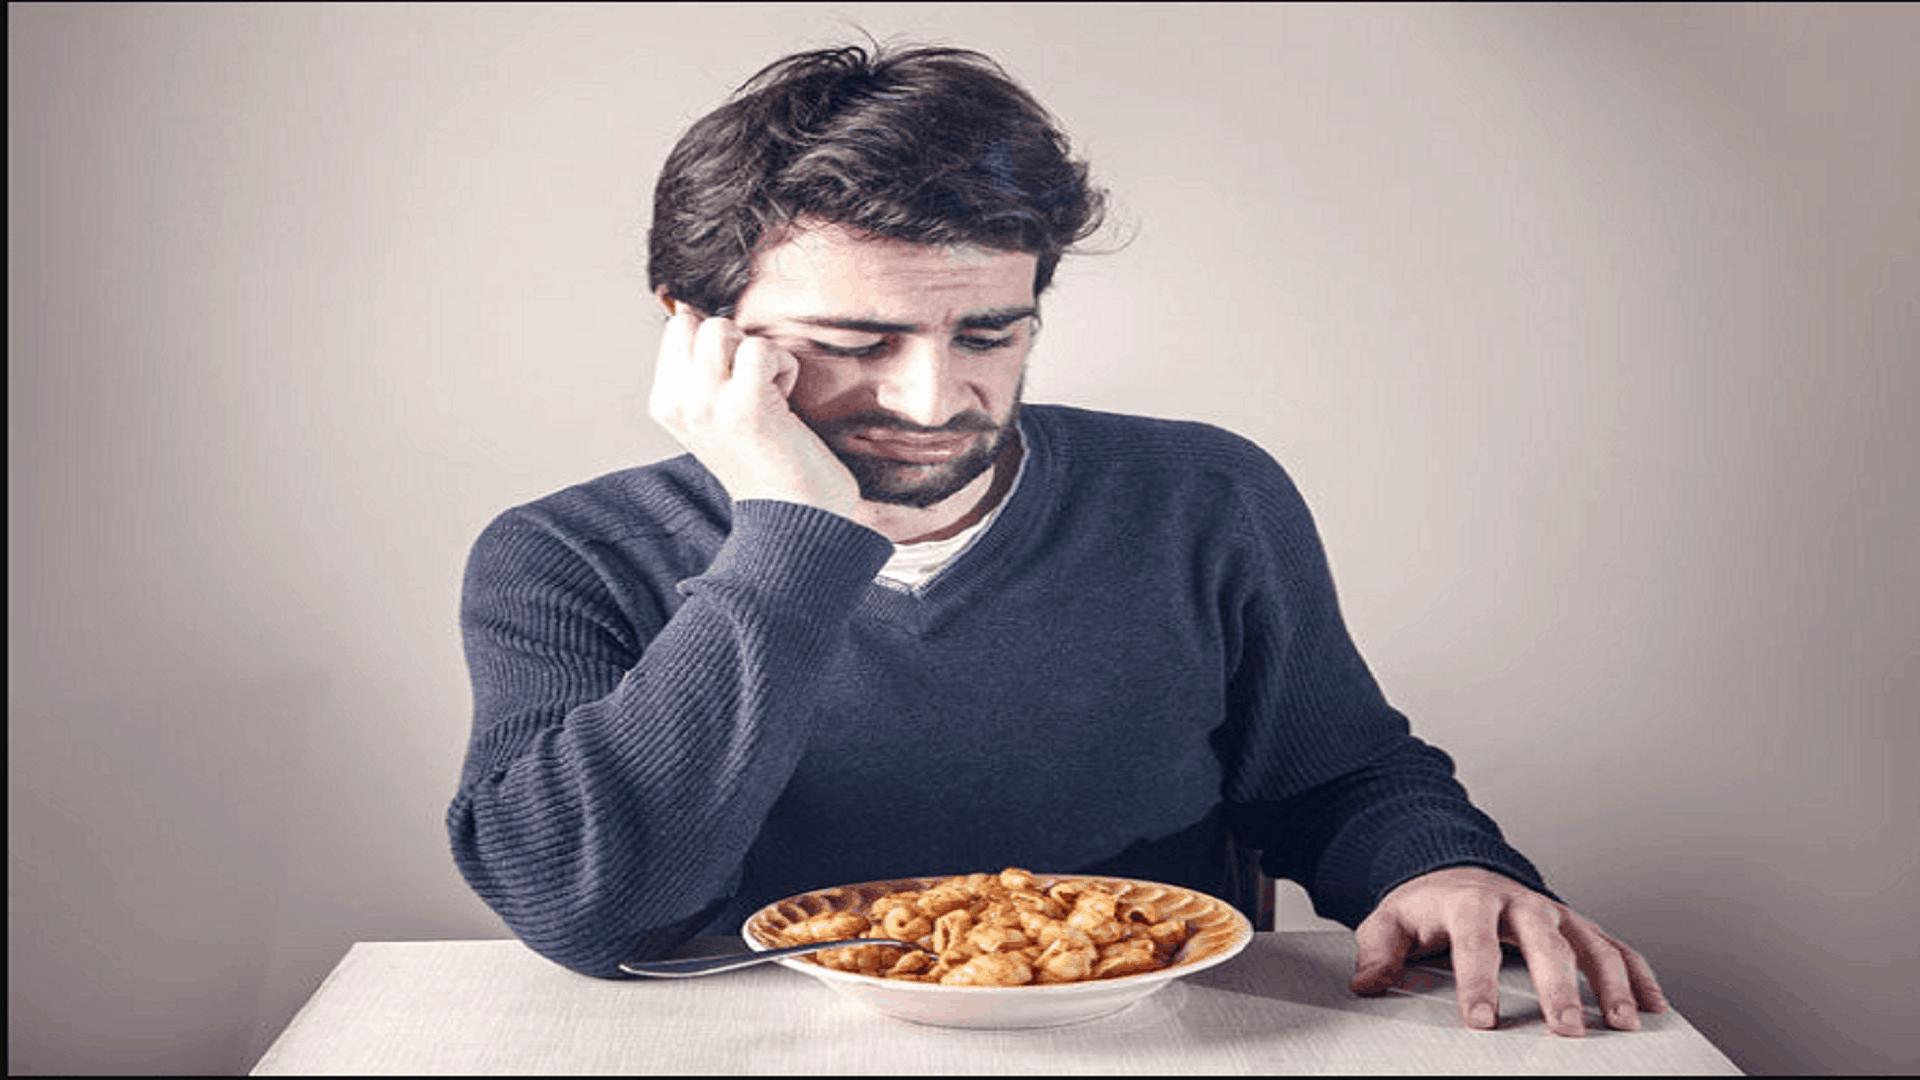 loss of hunger